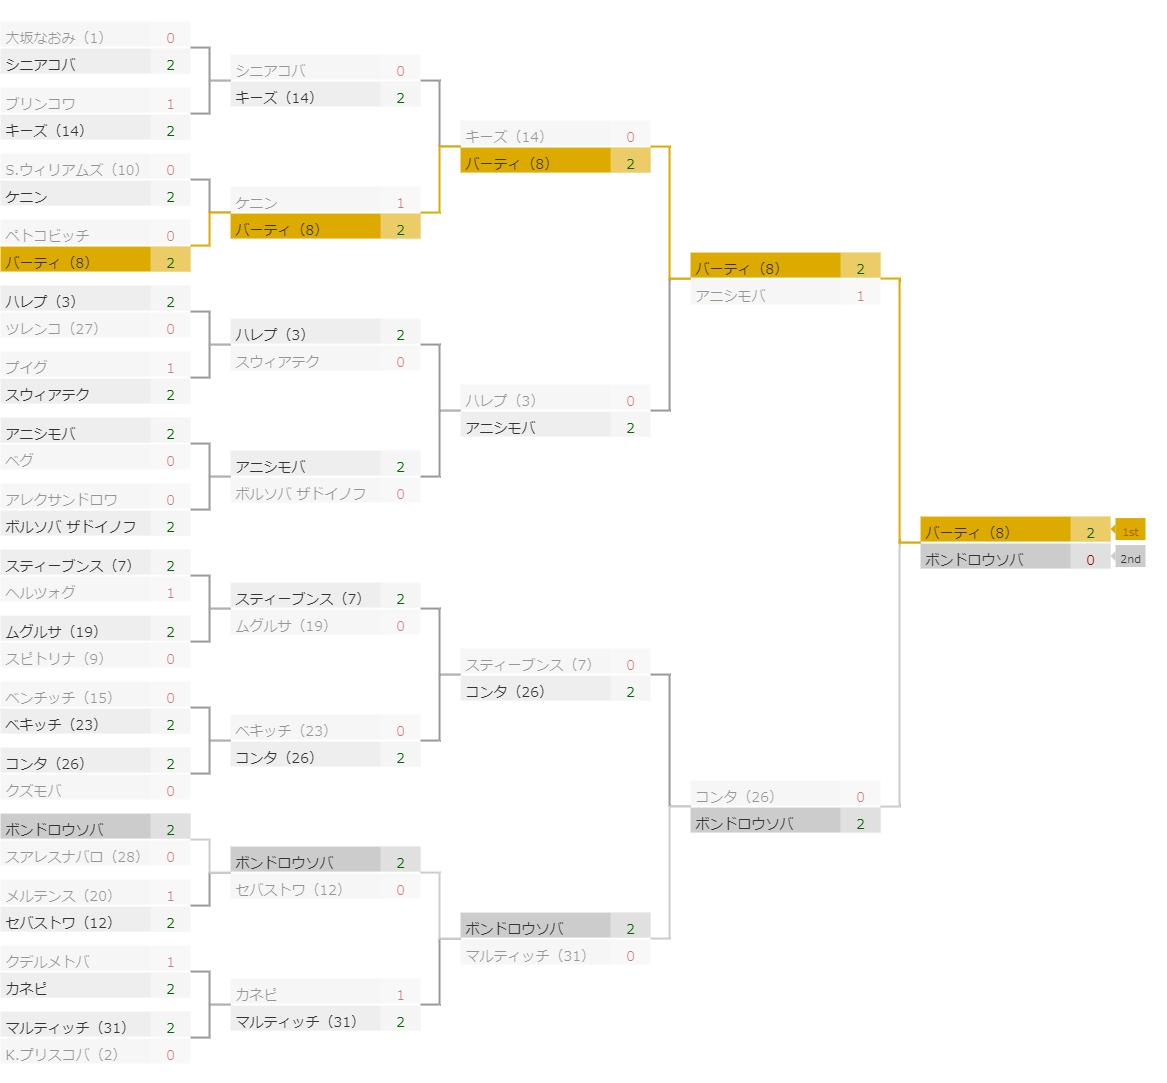 全仏オープン2019結果トーナメント表(女子)